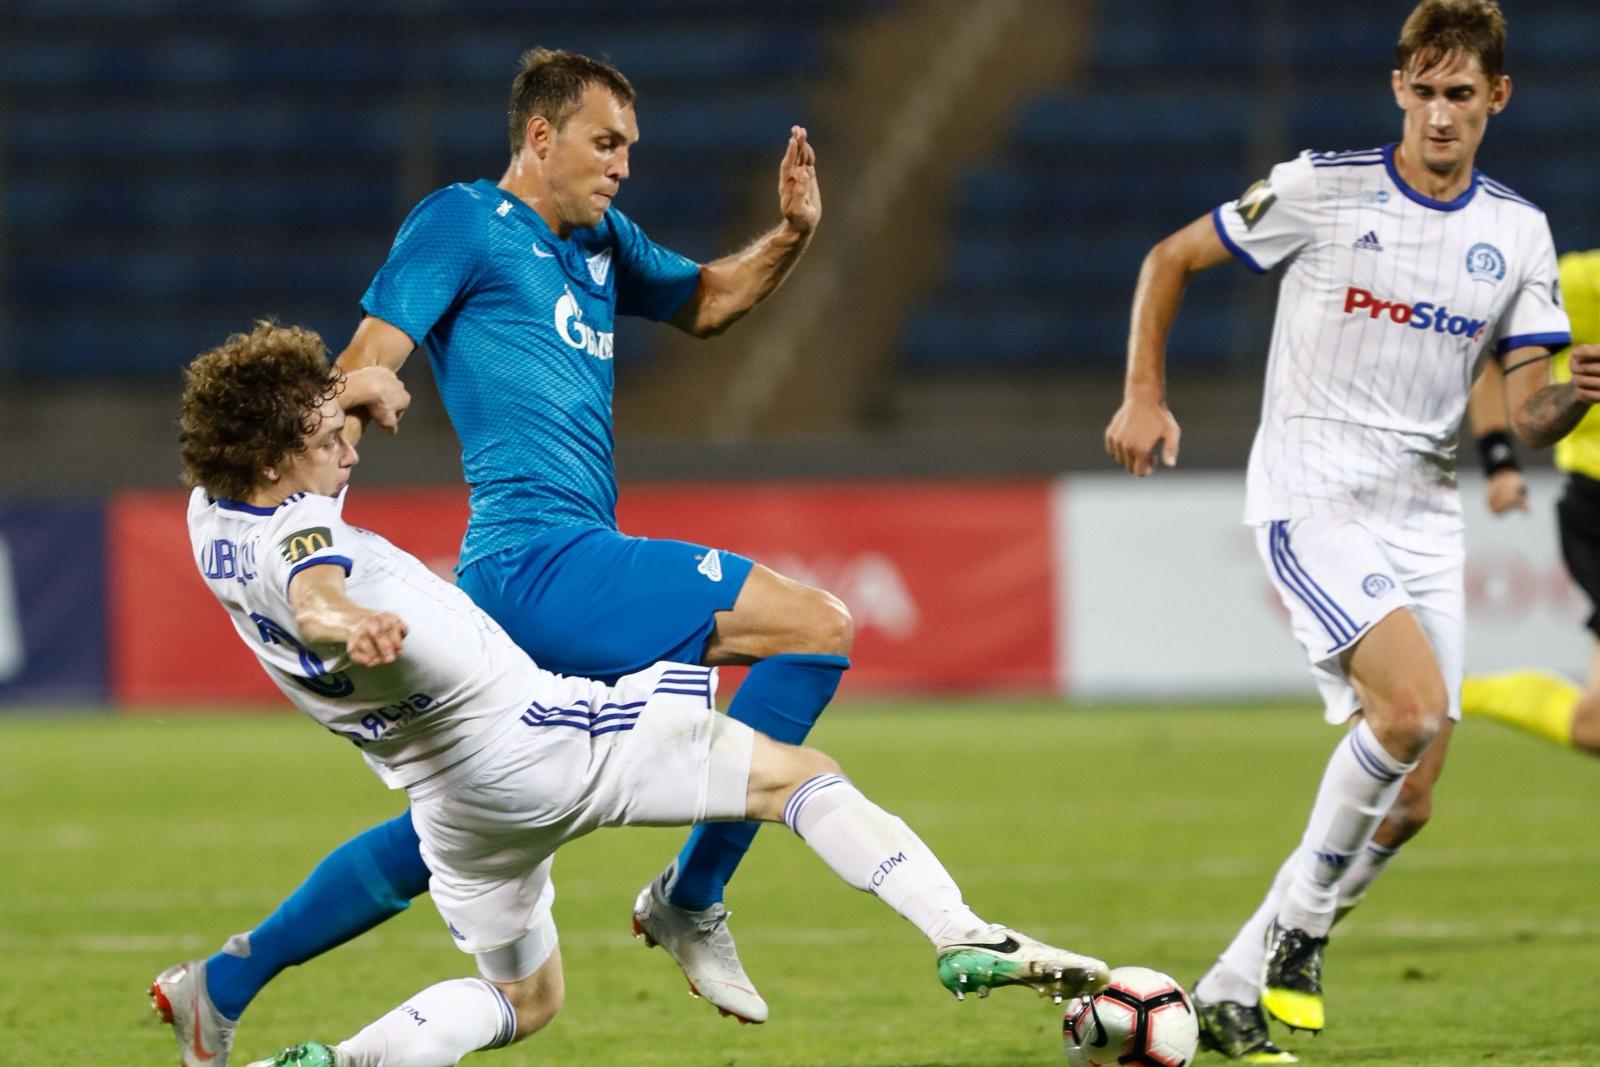 Maksim Shvetsov in Aktion. Jetzt auf Dinamo Minsk vs FK Minsk wetten